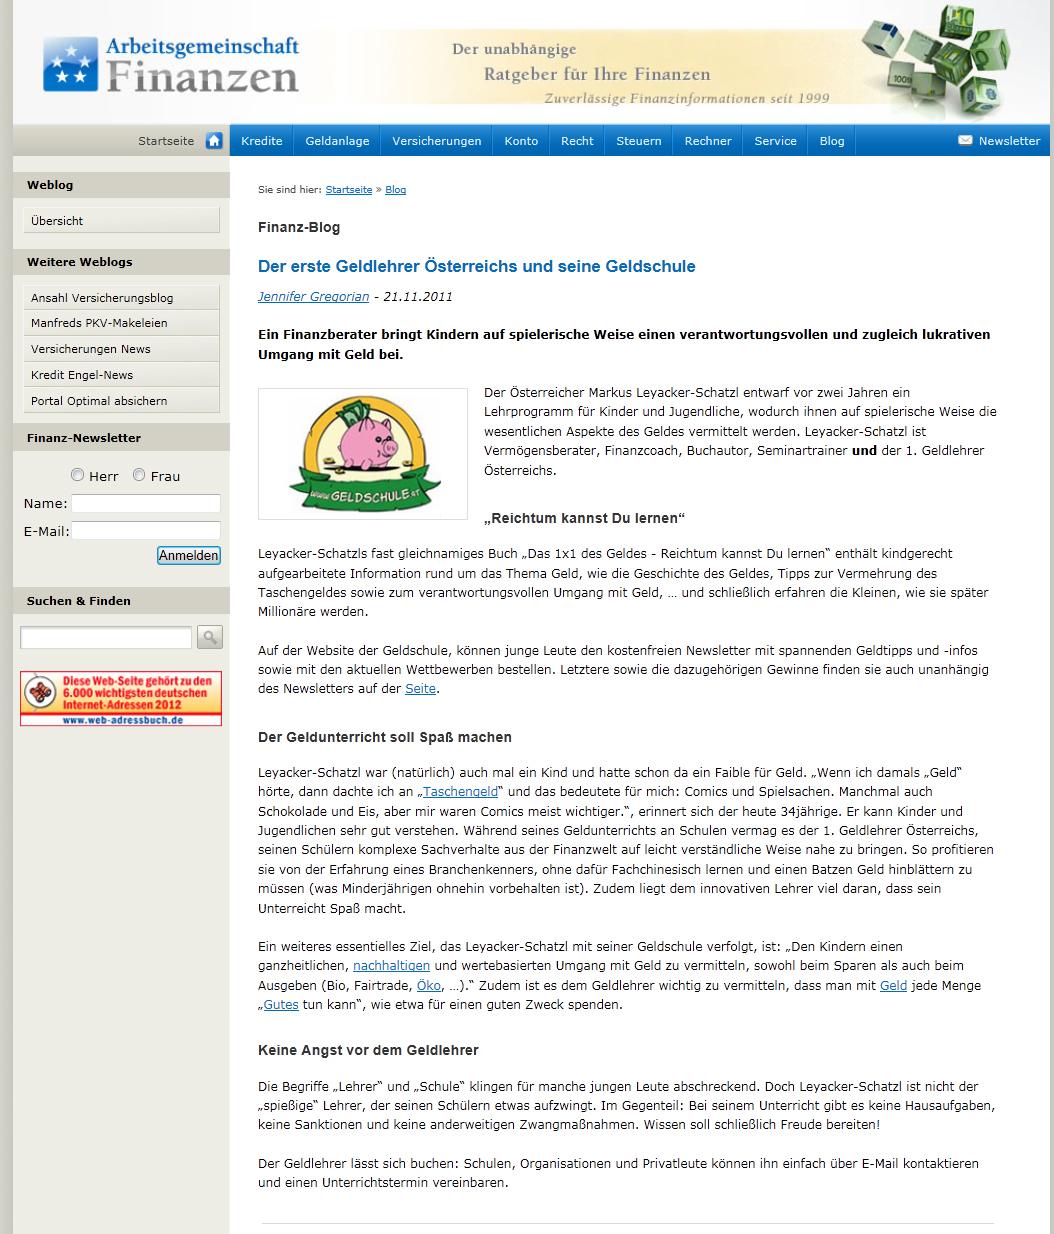 2011-11-21-ARGE-Finanzen-ko